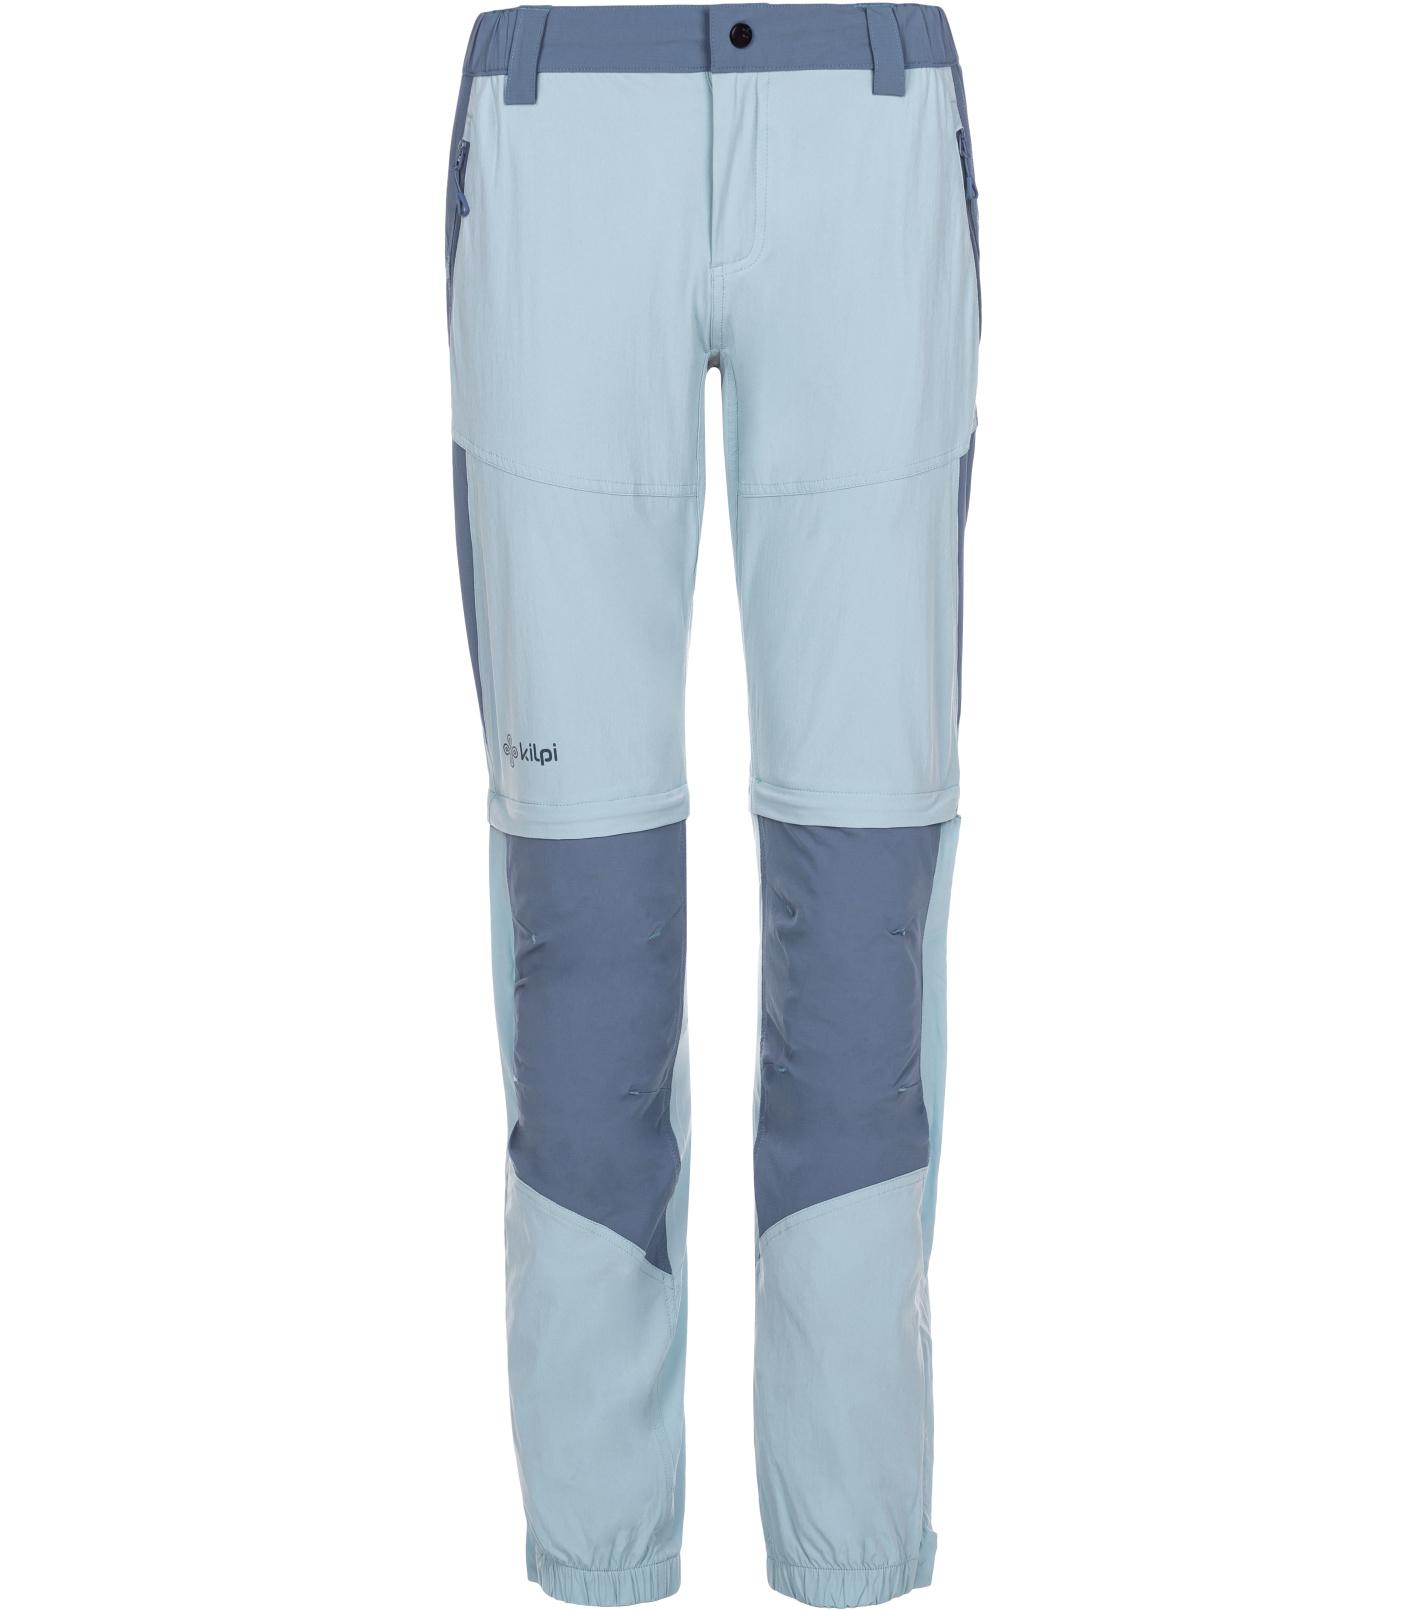 KILPI Dámské outdoorové kalhoty HOSIO-W ML0022KILBL Bílo/Modrá 34